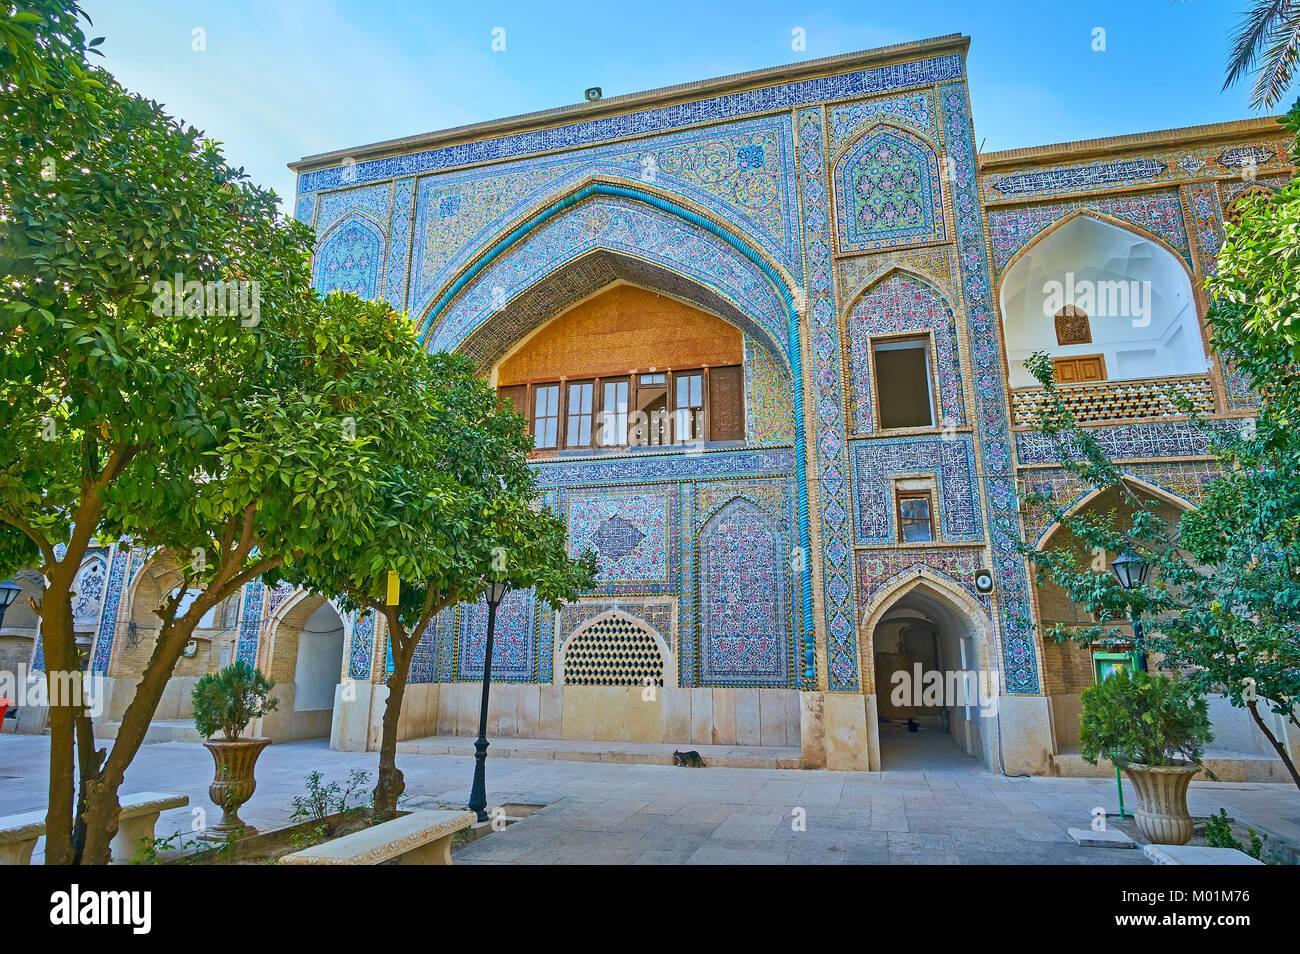 Il iwan portale di madraseh ye khan è decorato con luminosi